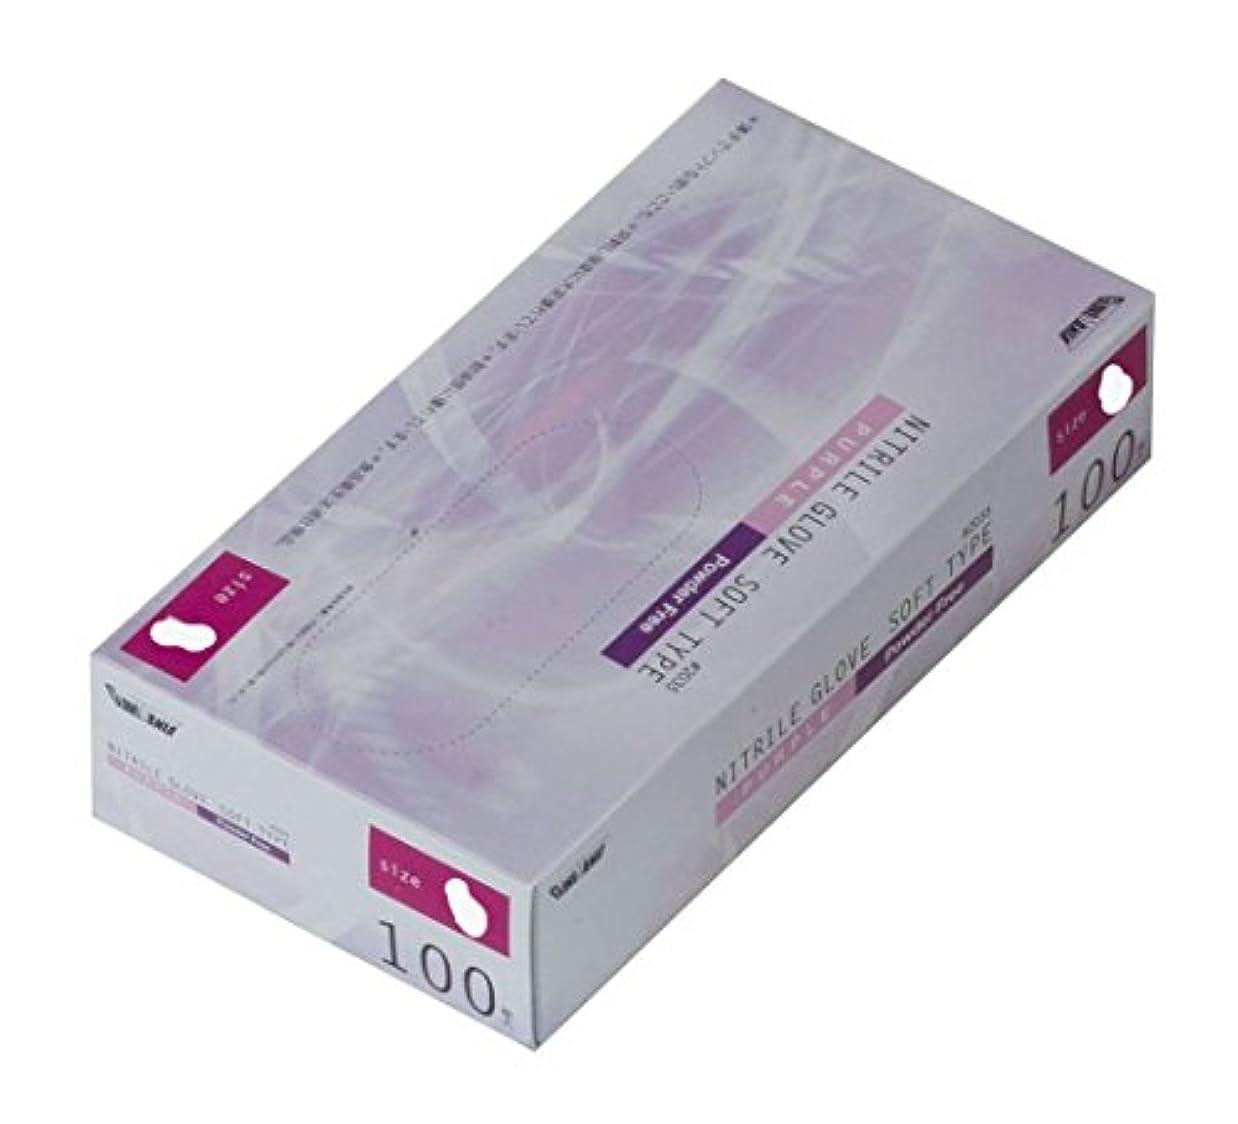 追う静けさ輸血川西工業 ニトリル使いきり手袋ソフトタイプ 100枚入 #2035 パープル M